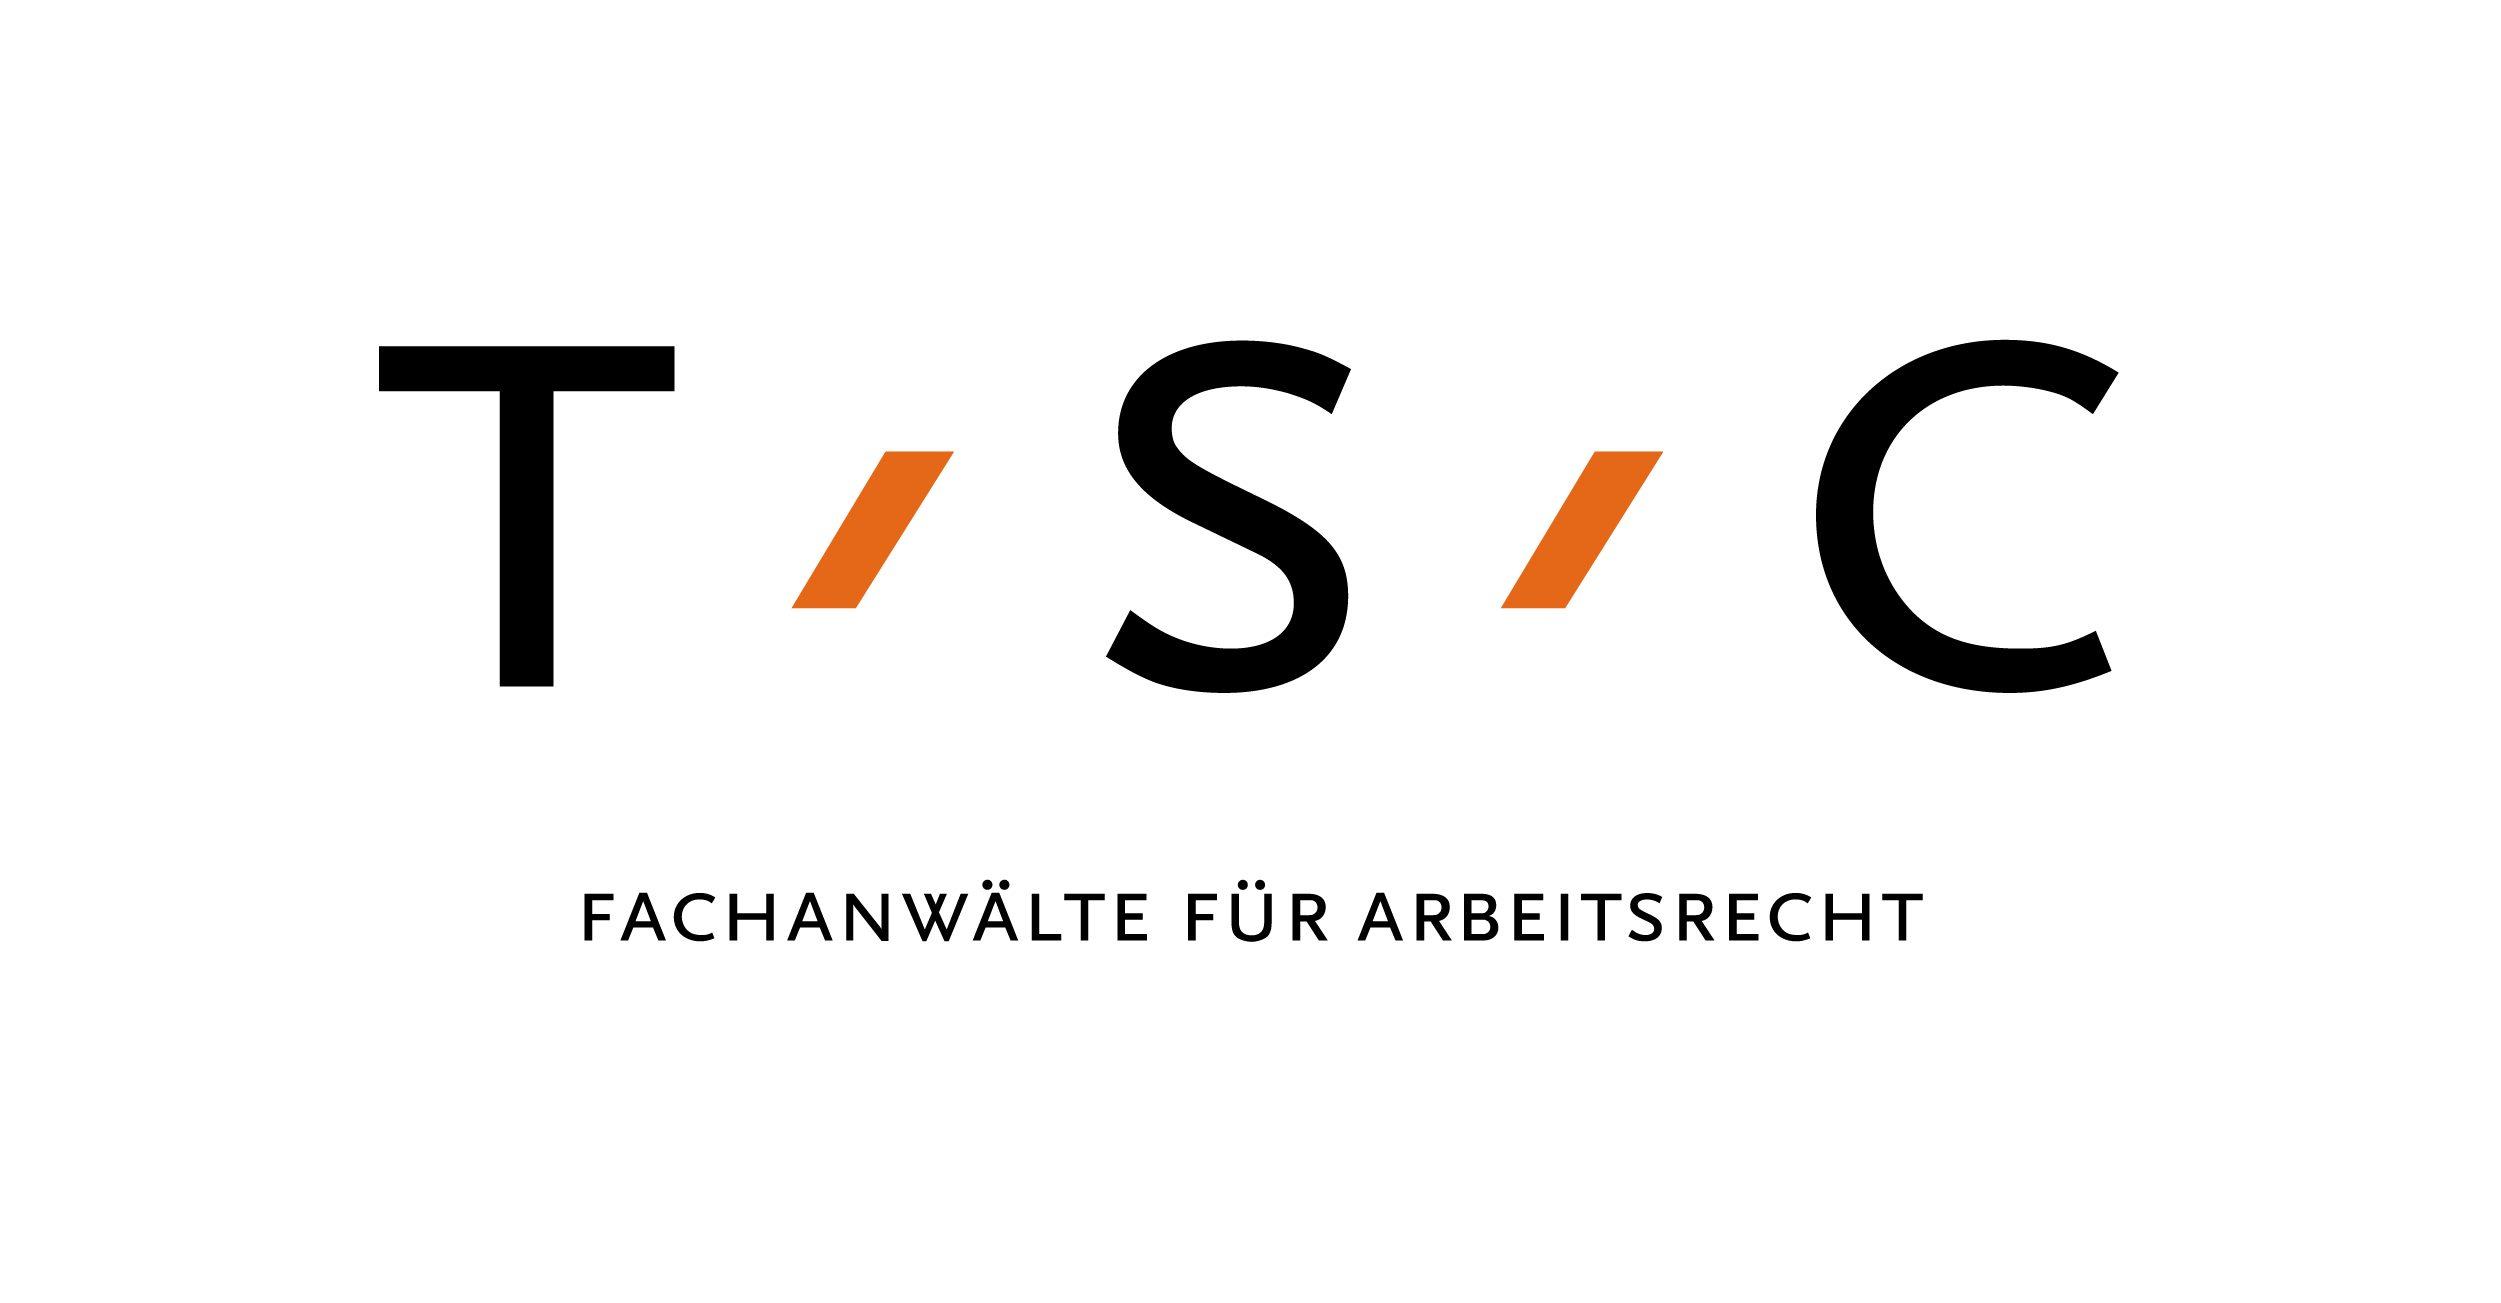 T/S/C Fachanwälte für Arbeitsrecht